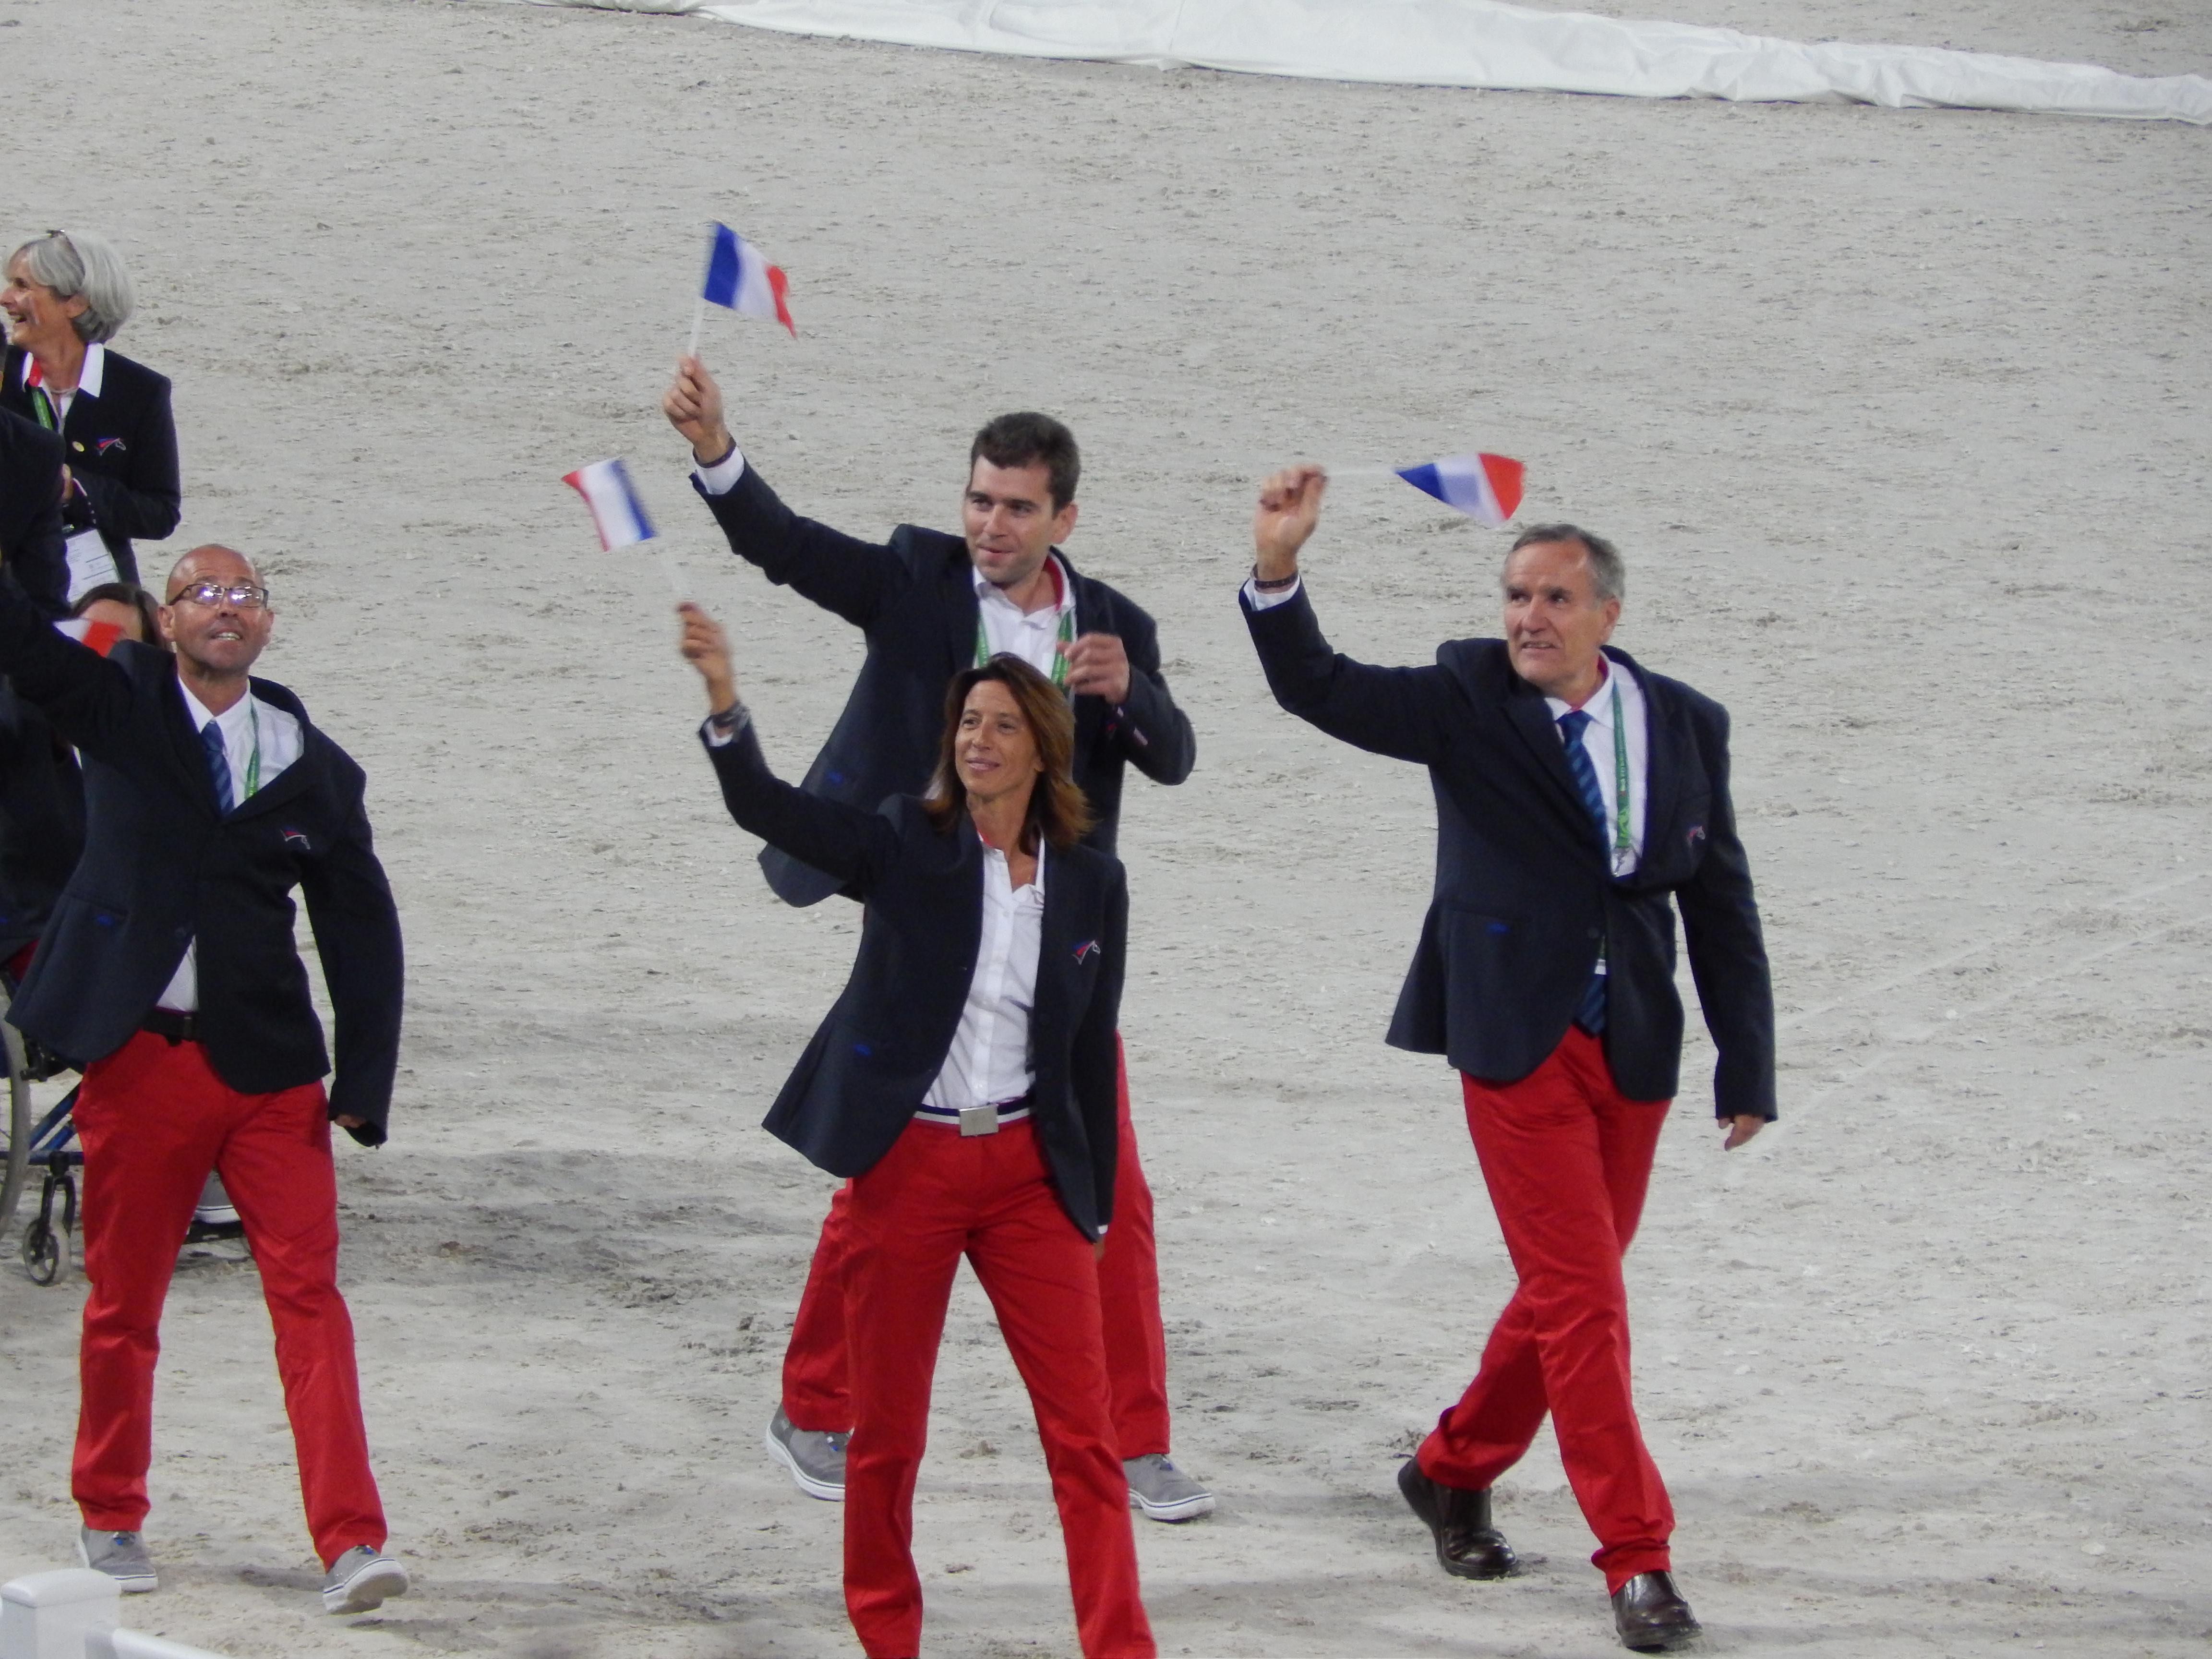 JEM2014, JEM, Jeux Equestre Mondiaux